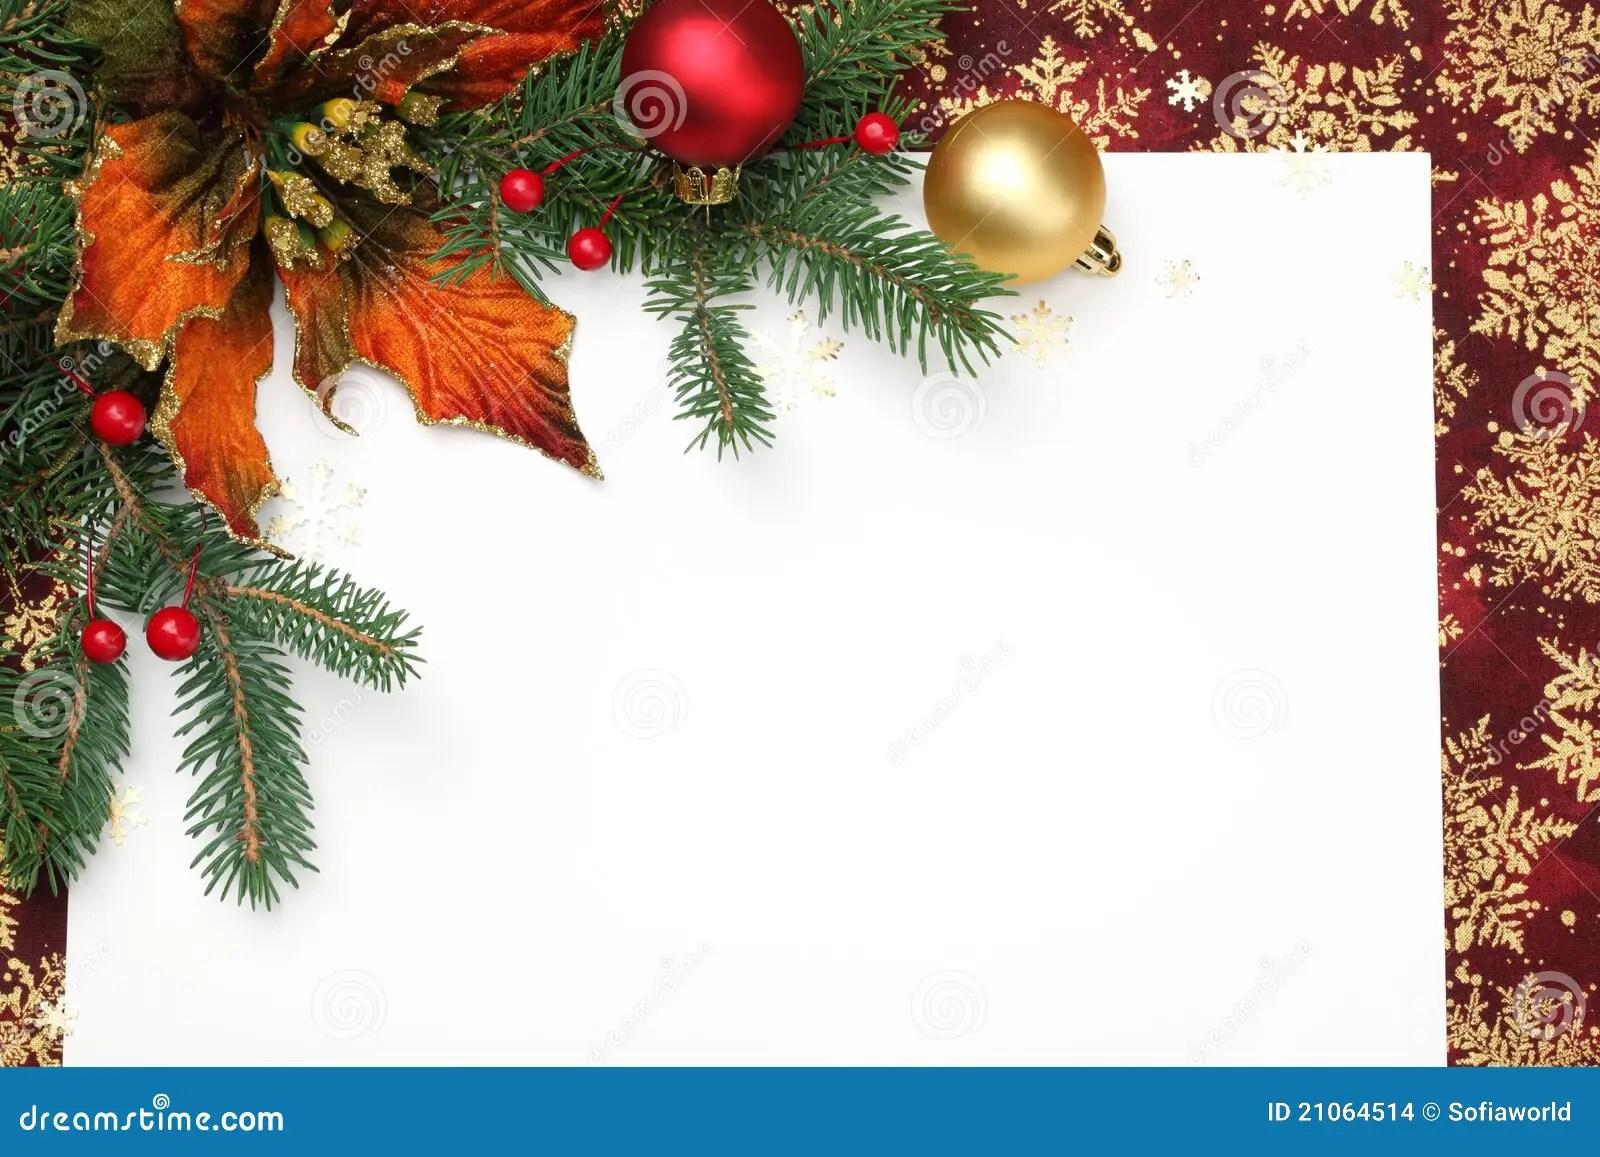 Christmas Card Stock Photo Image Of Balls Christmas